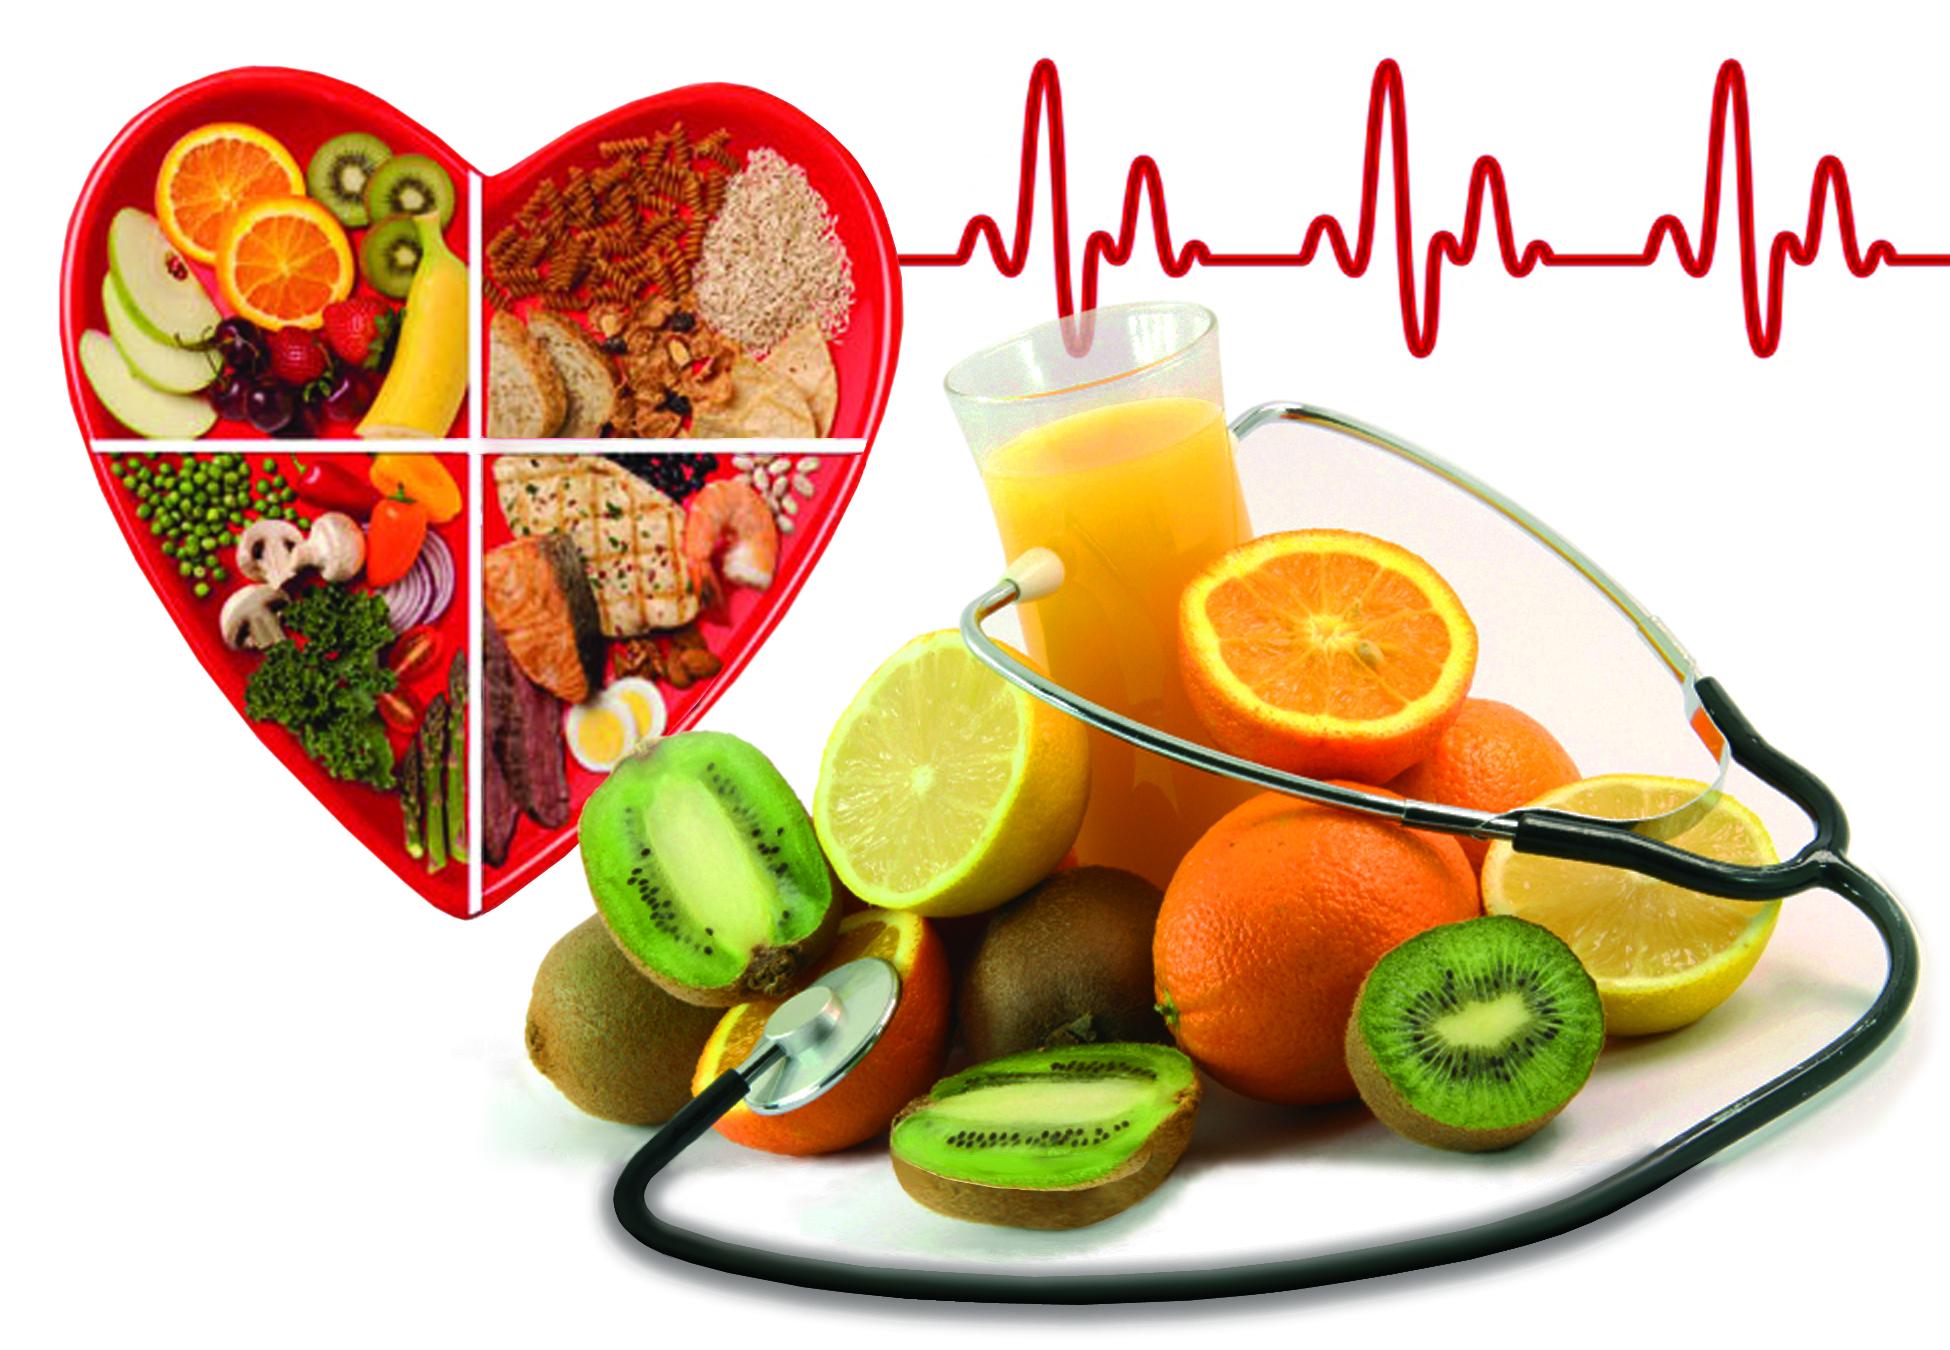 Sağlıklı zayıflamak için kahvaltının önemi açıklandı